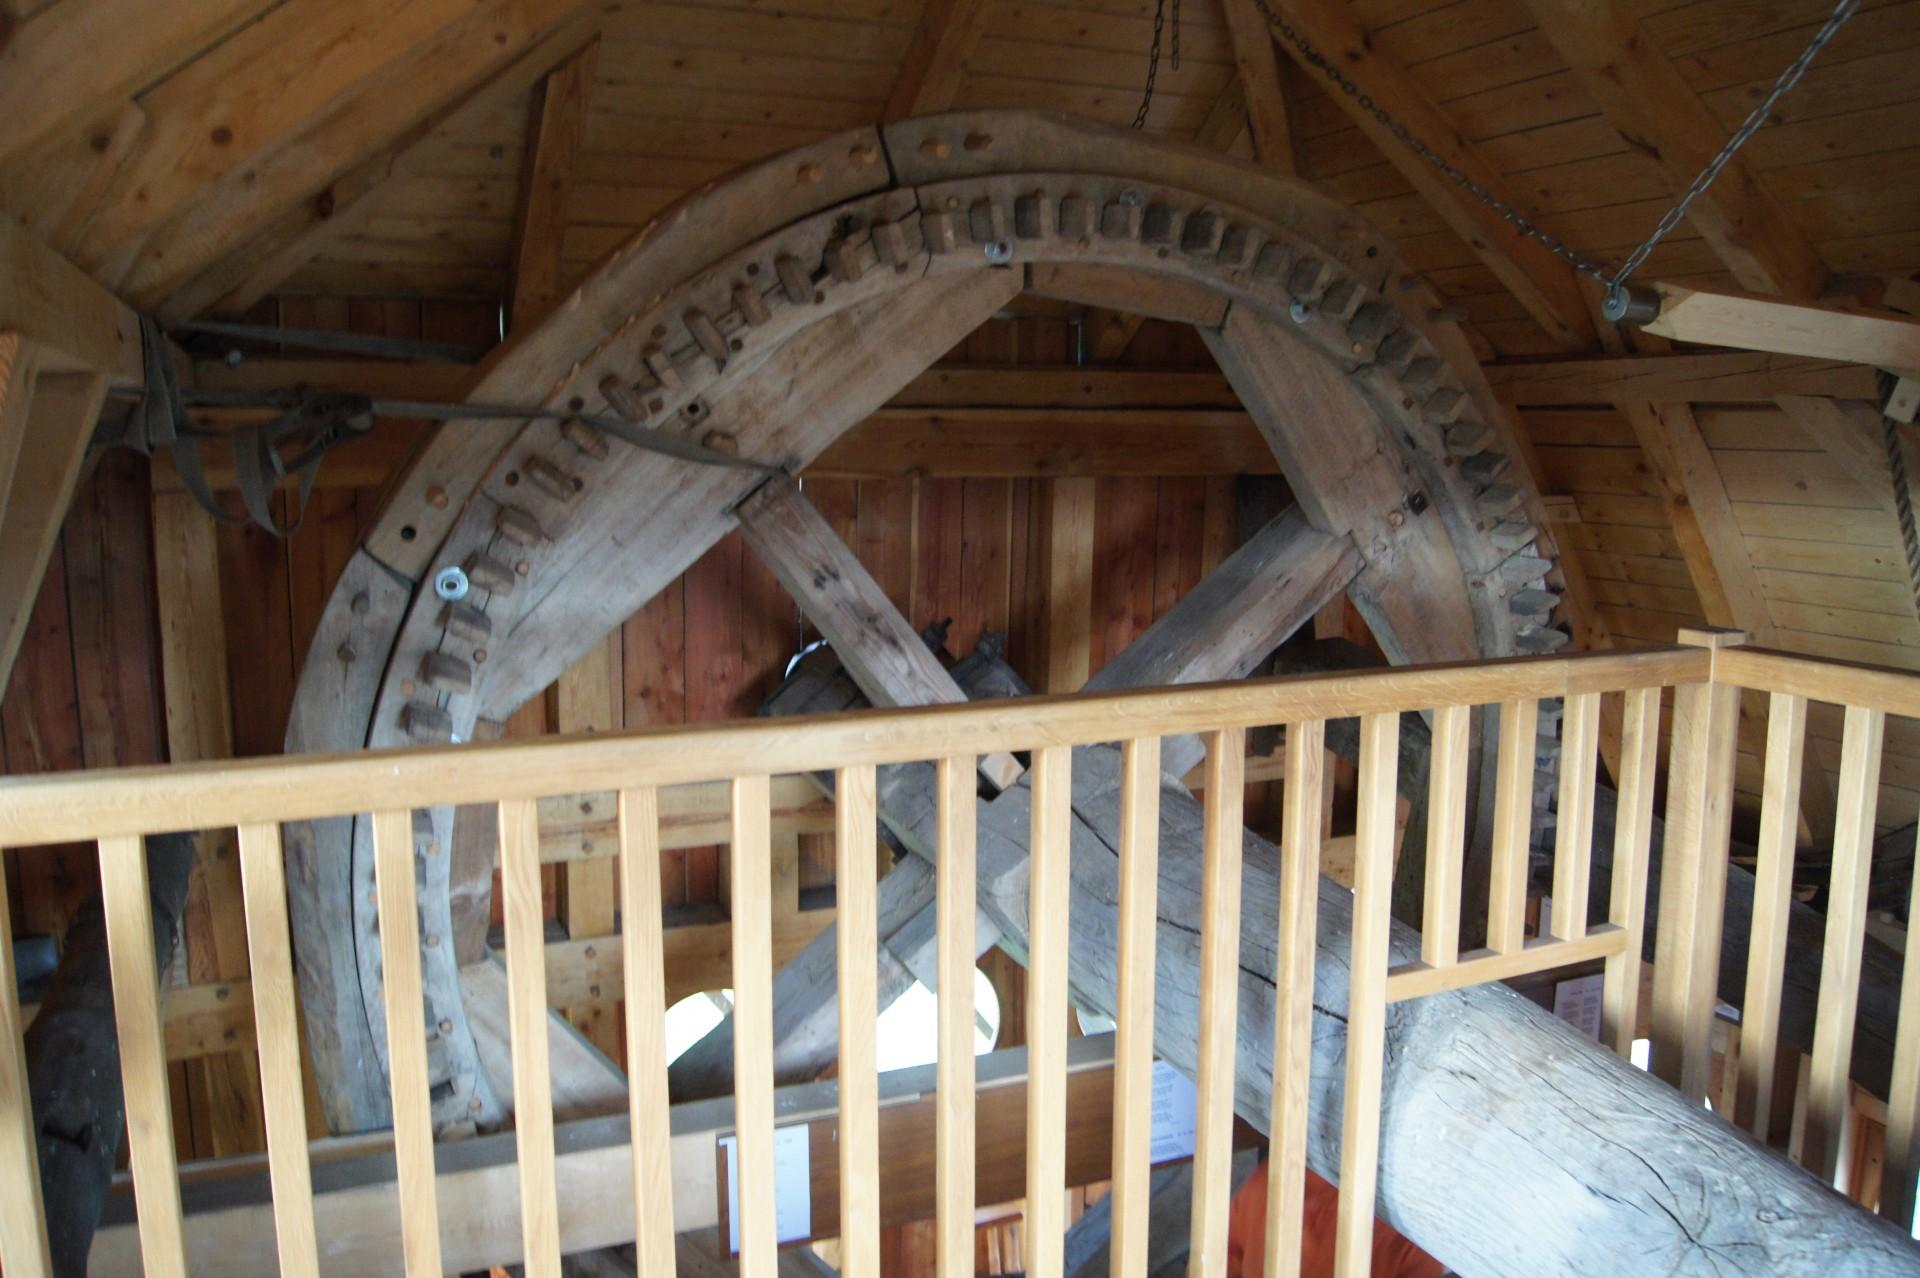 Wnętrze wiatraka na górze Sobótka. Fot. Patrycja Momot/Magazyn Kaszuby